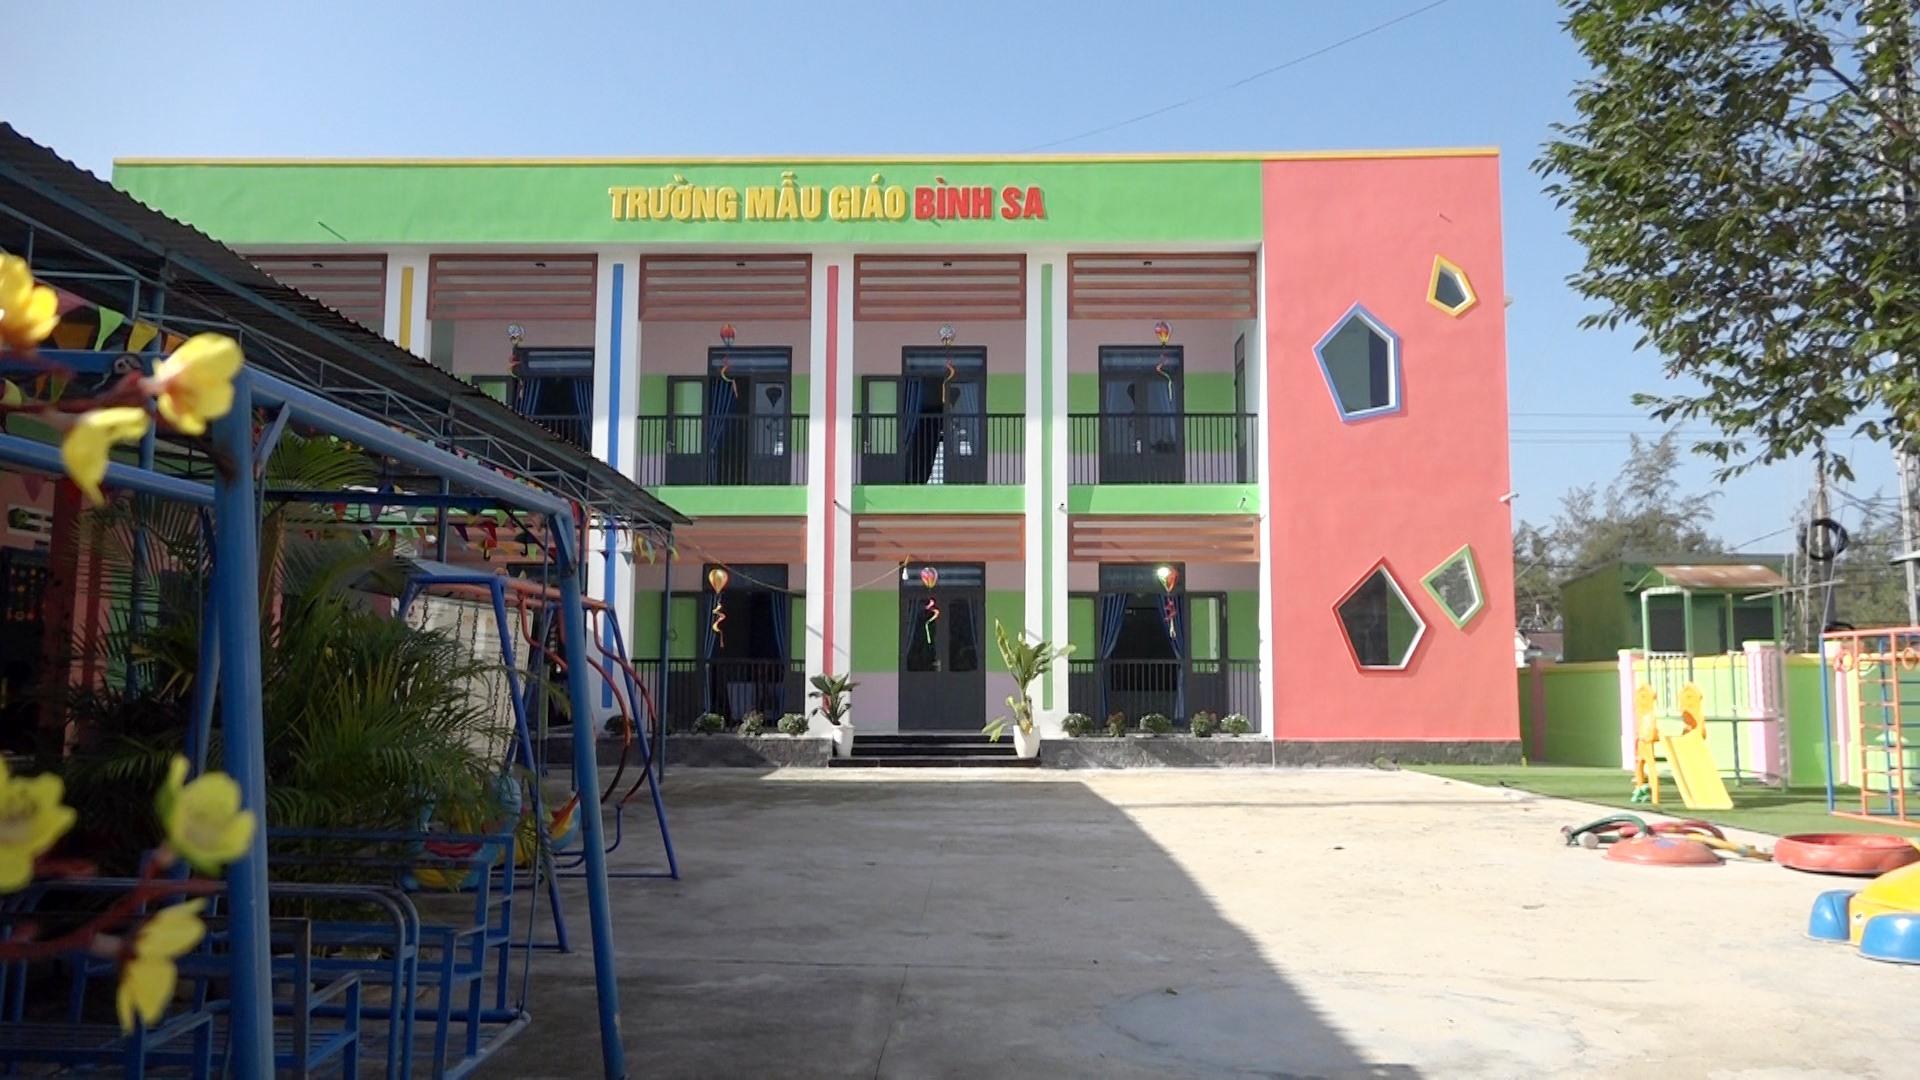 Trường mẫu giáo Bình Sa đã được xây dựng khang trang hơn từ nguồn xã hội hóa. Ảnh: BIÊN THỰC